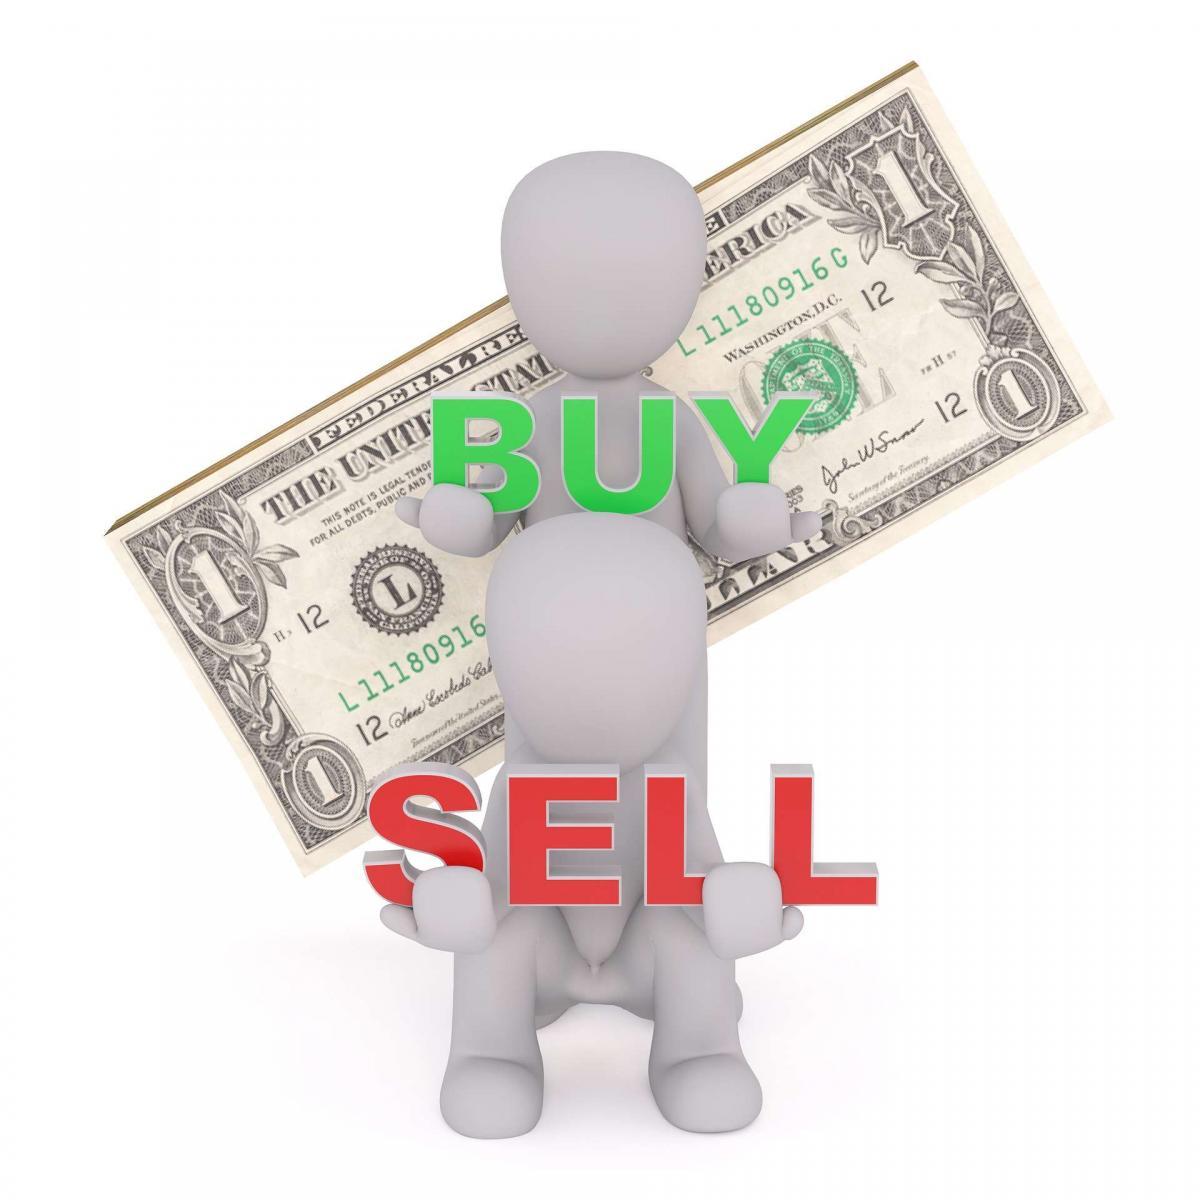 What Constitutes Price Manipulation?